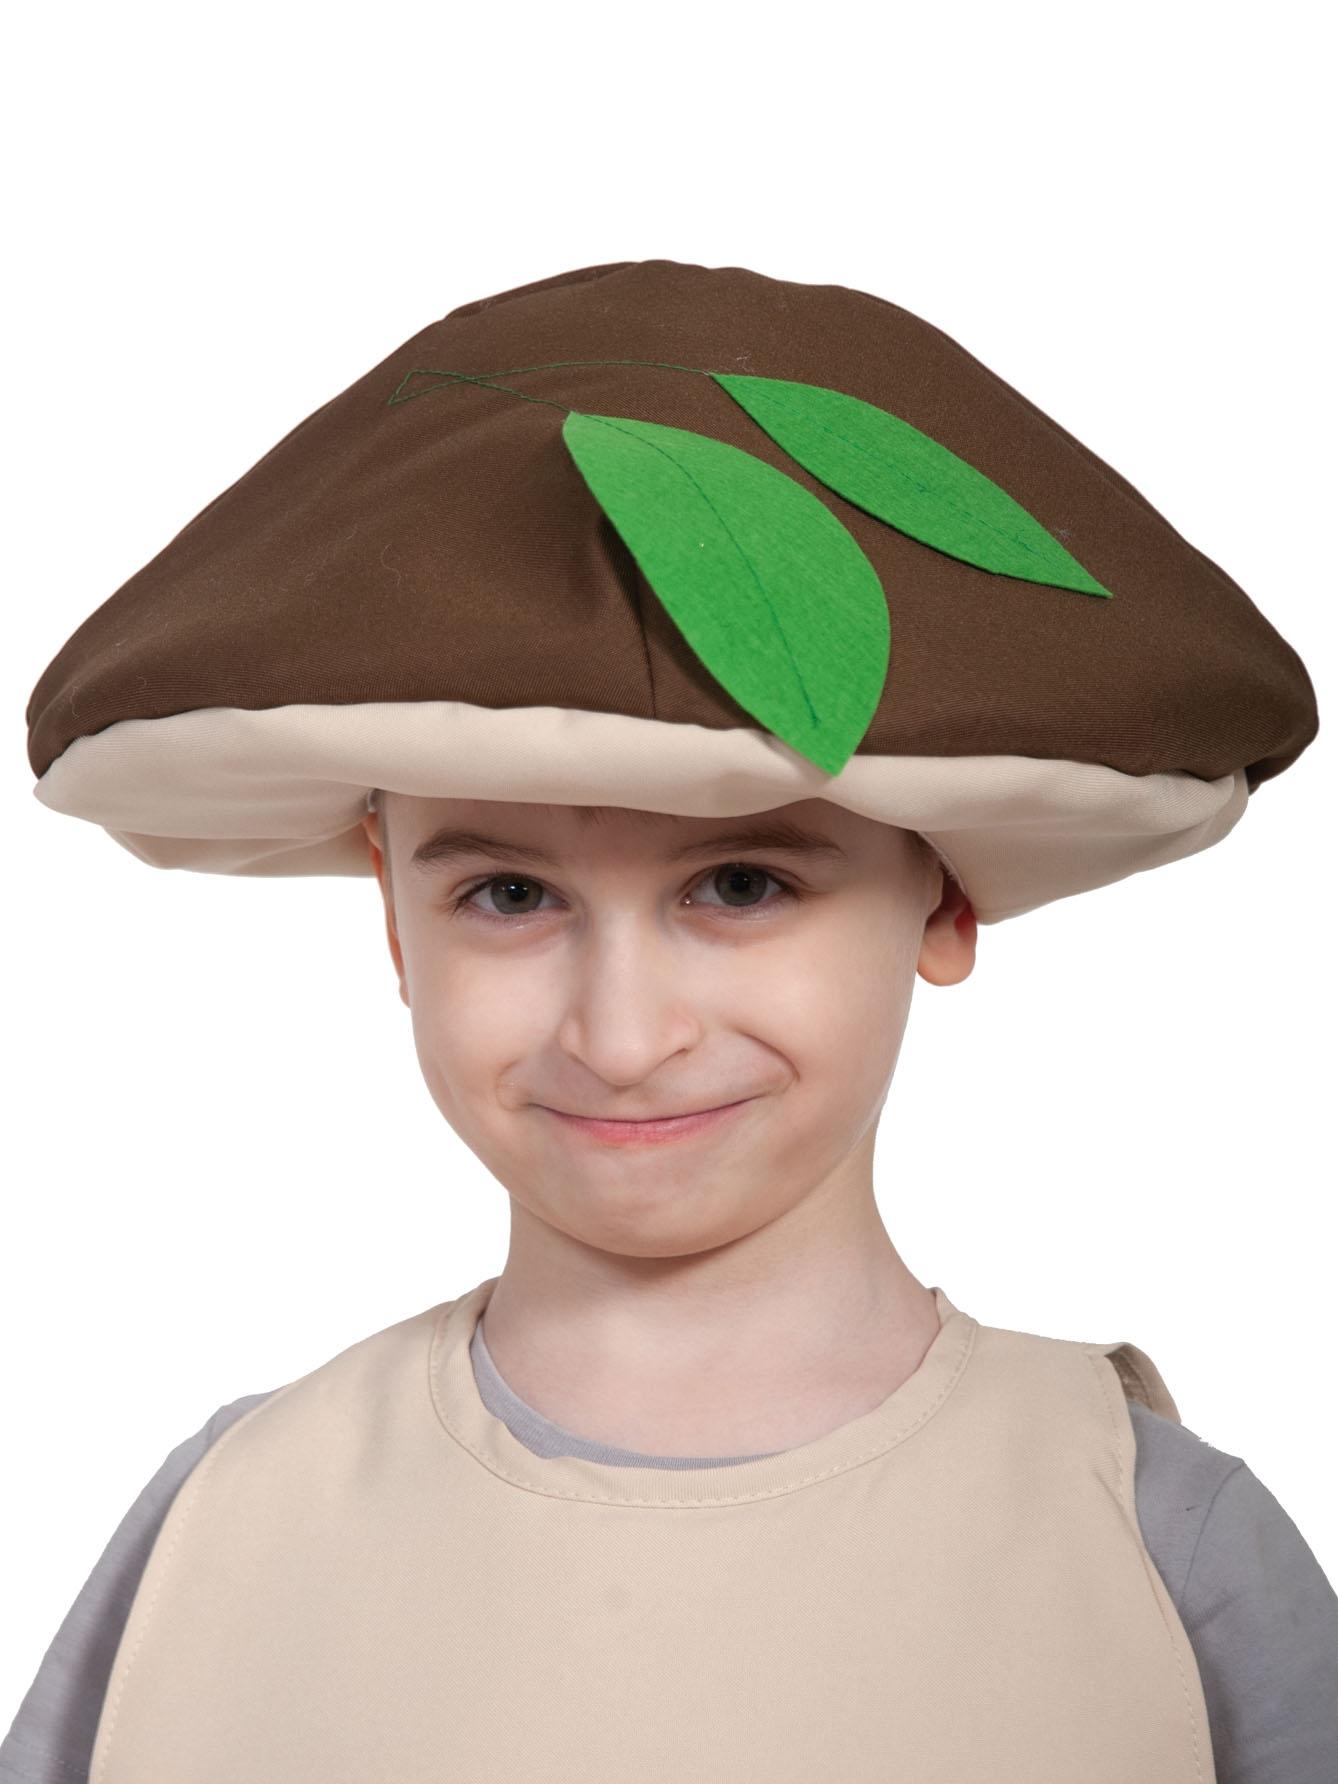 Детская шапка Гриб Боровик (UNI) -  Шляпы карнавальные